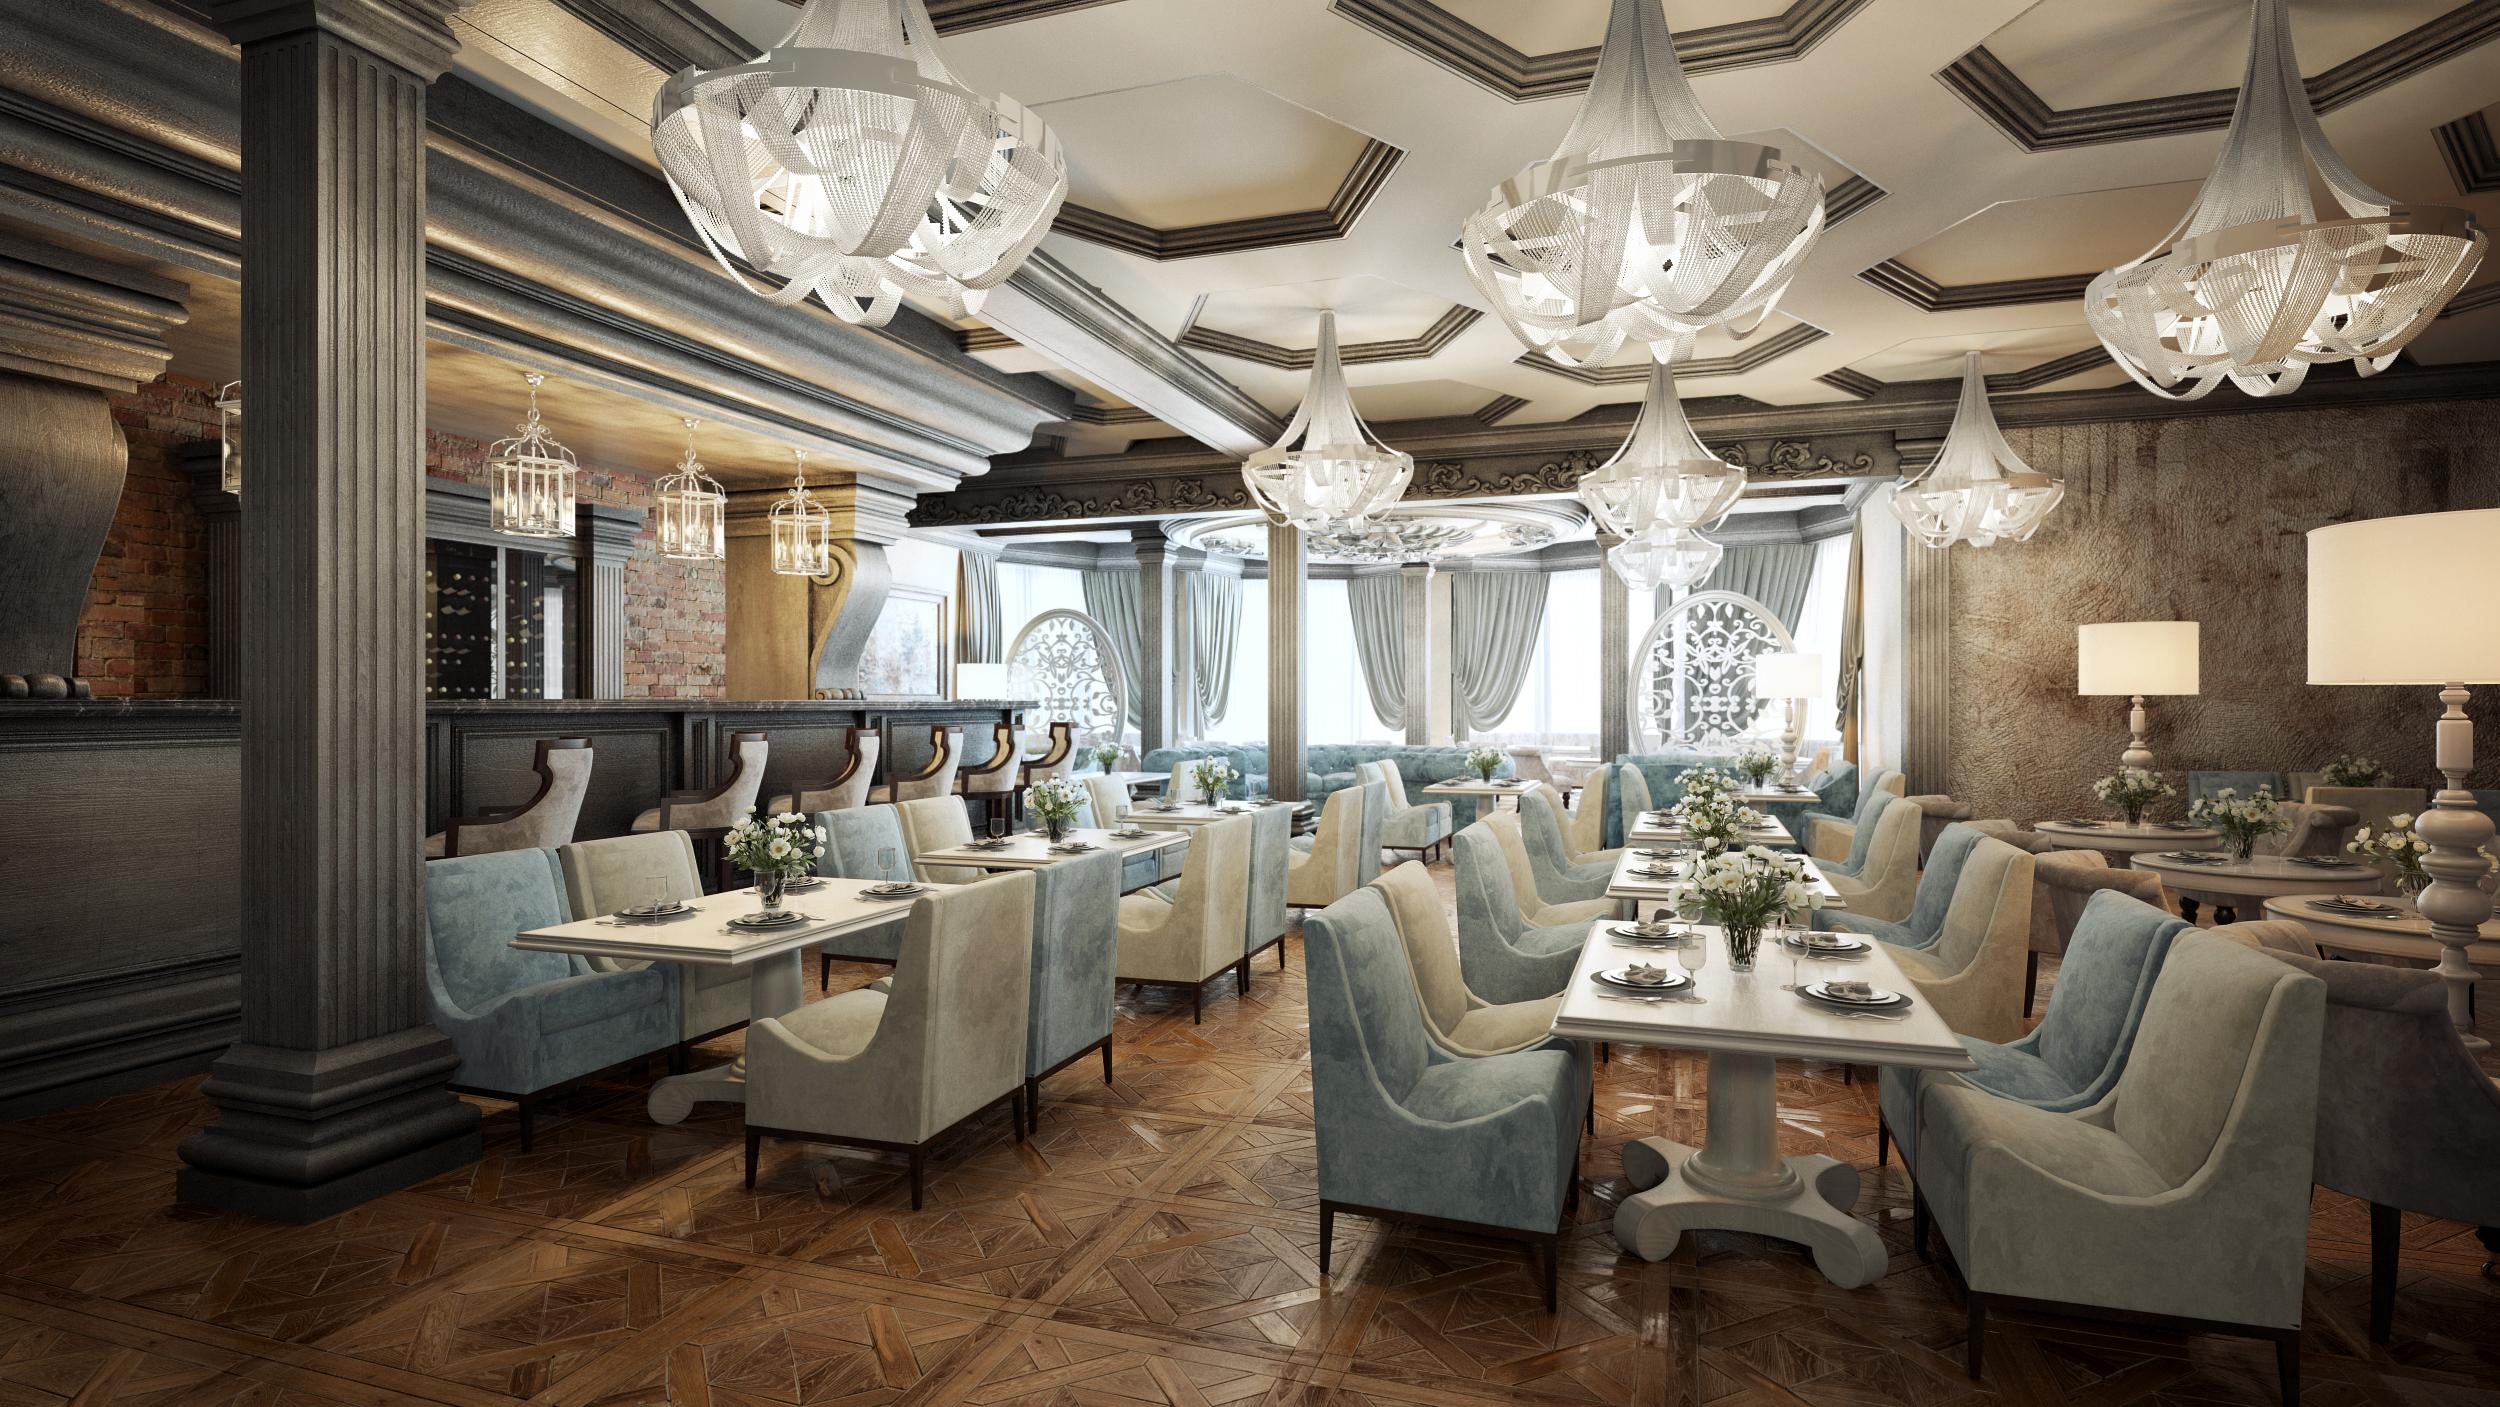 Итальянский ресторан в Абу-Даби, ОАЭ